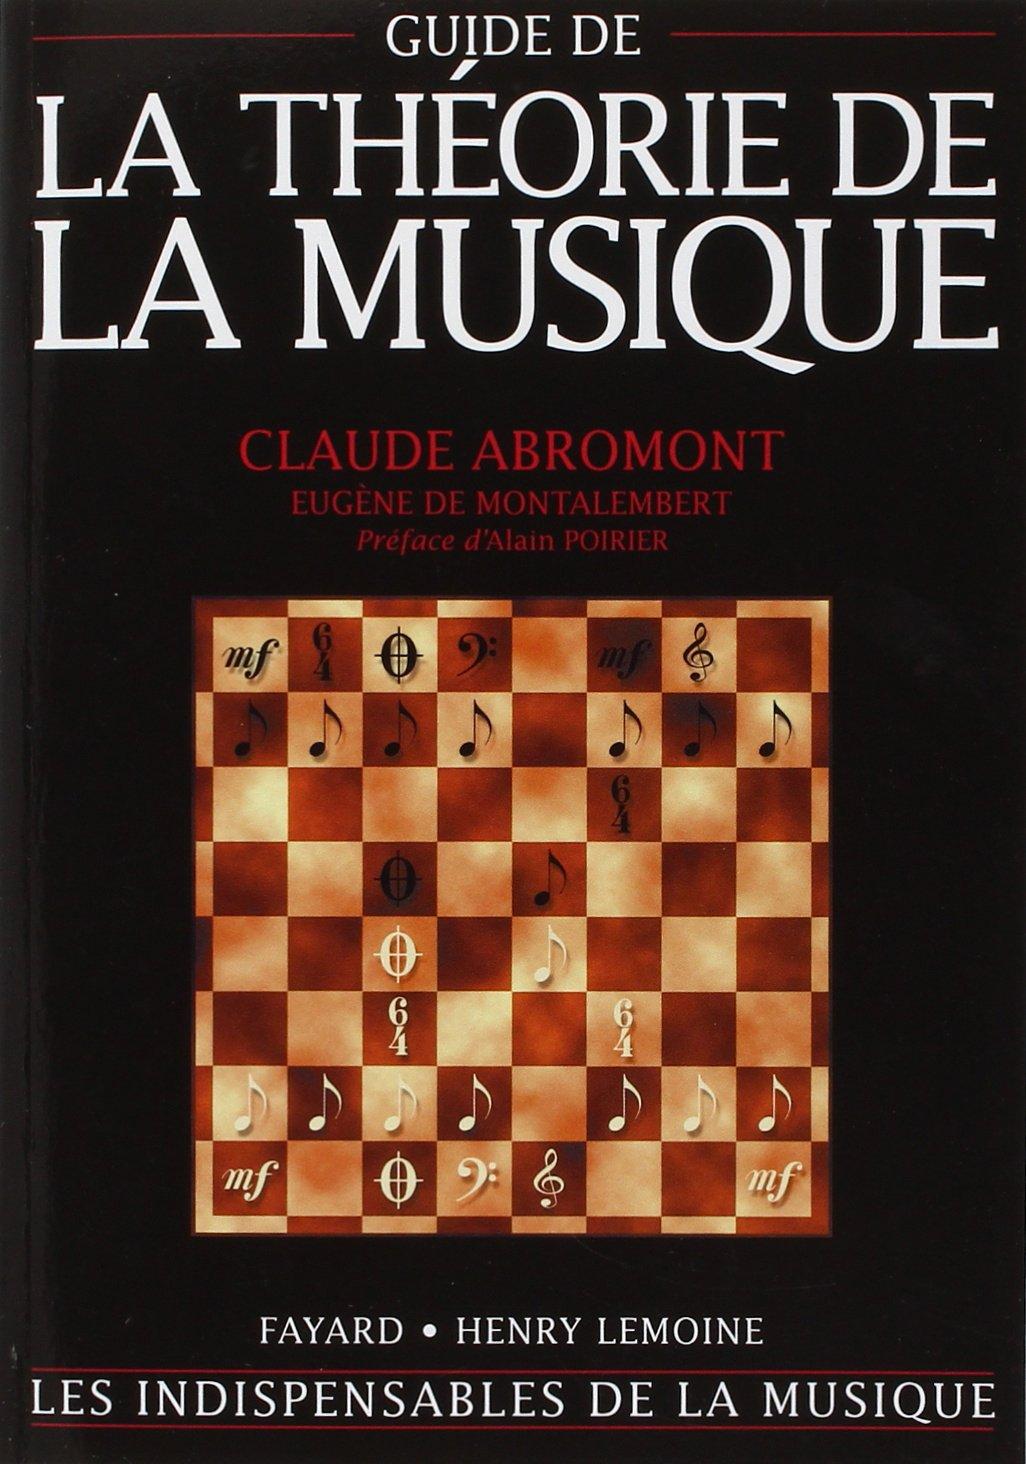 (Guide de) La théorie de la musique Broché – 1 janvier 2001 Claude Abromont Eugène de Montalembert Alain Poirier Fayard/Henry Lemoine